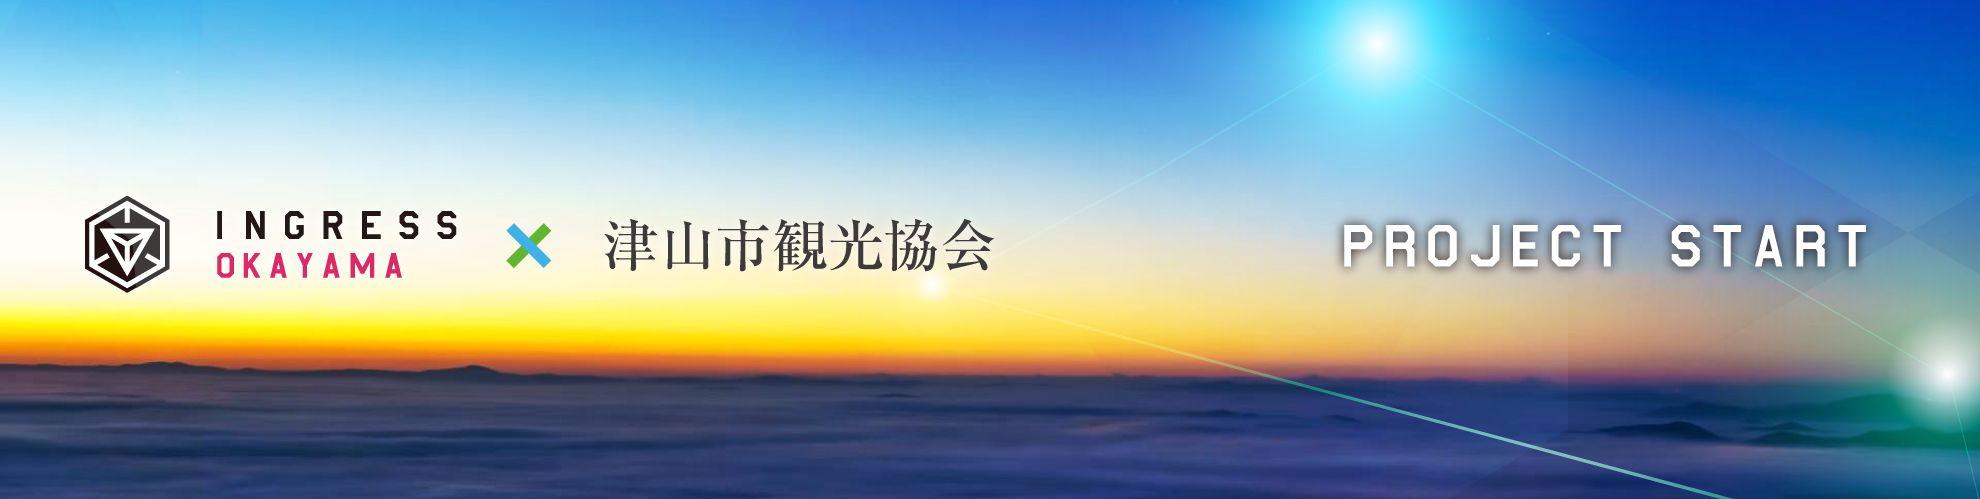 津山市観光協会とイングレス岡山はスマートフォン向けアプリゲームINGRESS(イングレス)を活用した、観光促進…